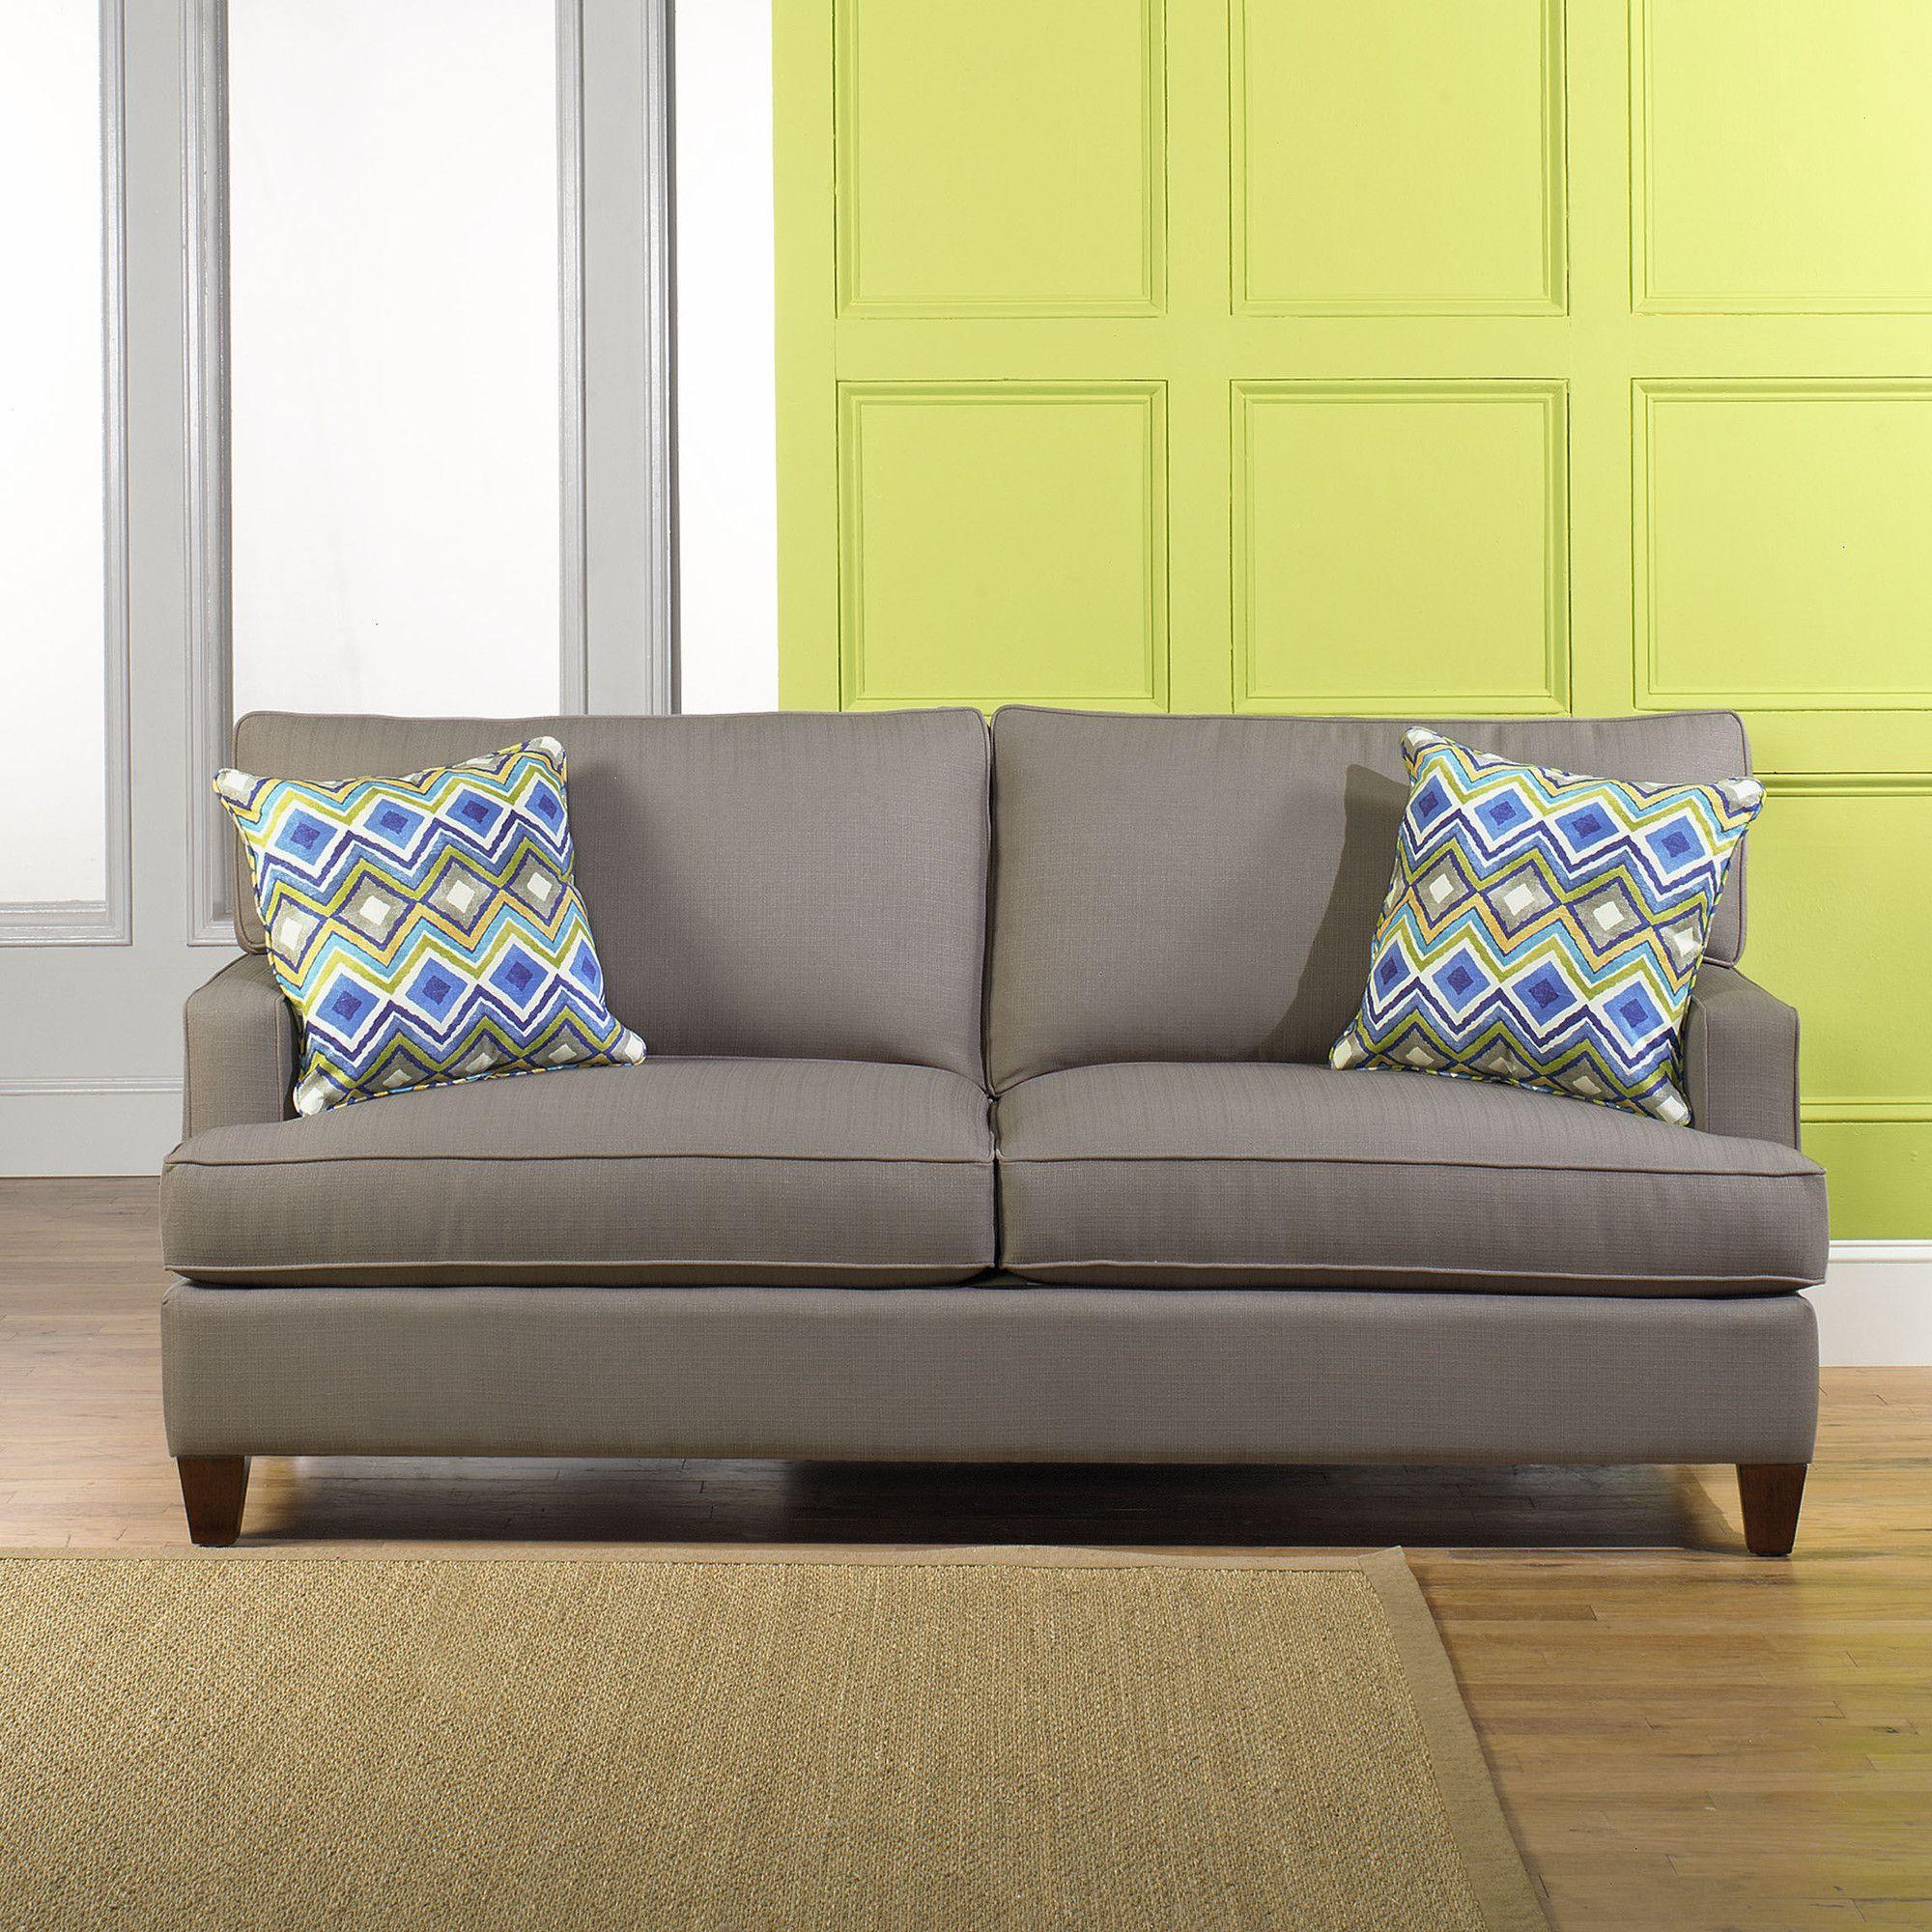 HGTV Home Park Avenue Sleeper Sofa Reviews